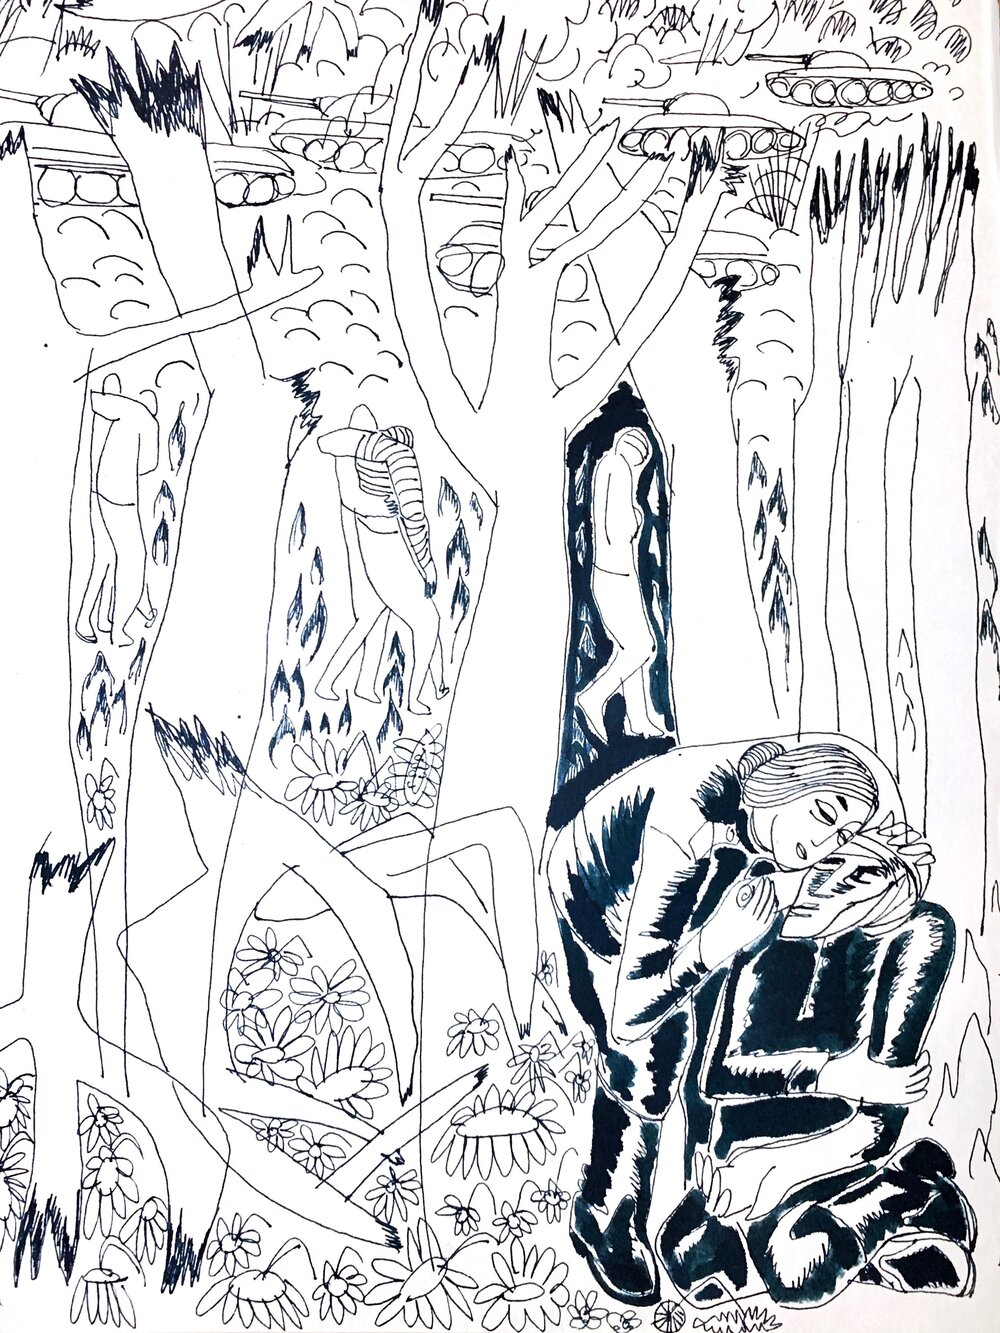 Ада Рибачук, Володимир Мельниченко. Ескізи ілюстрацій до роману Леоніда Первомайського «Дикий мед», 1965